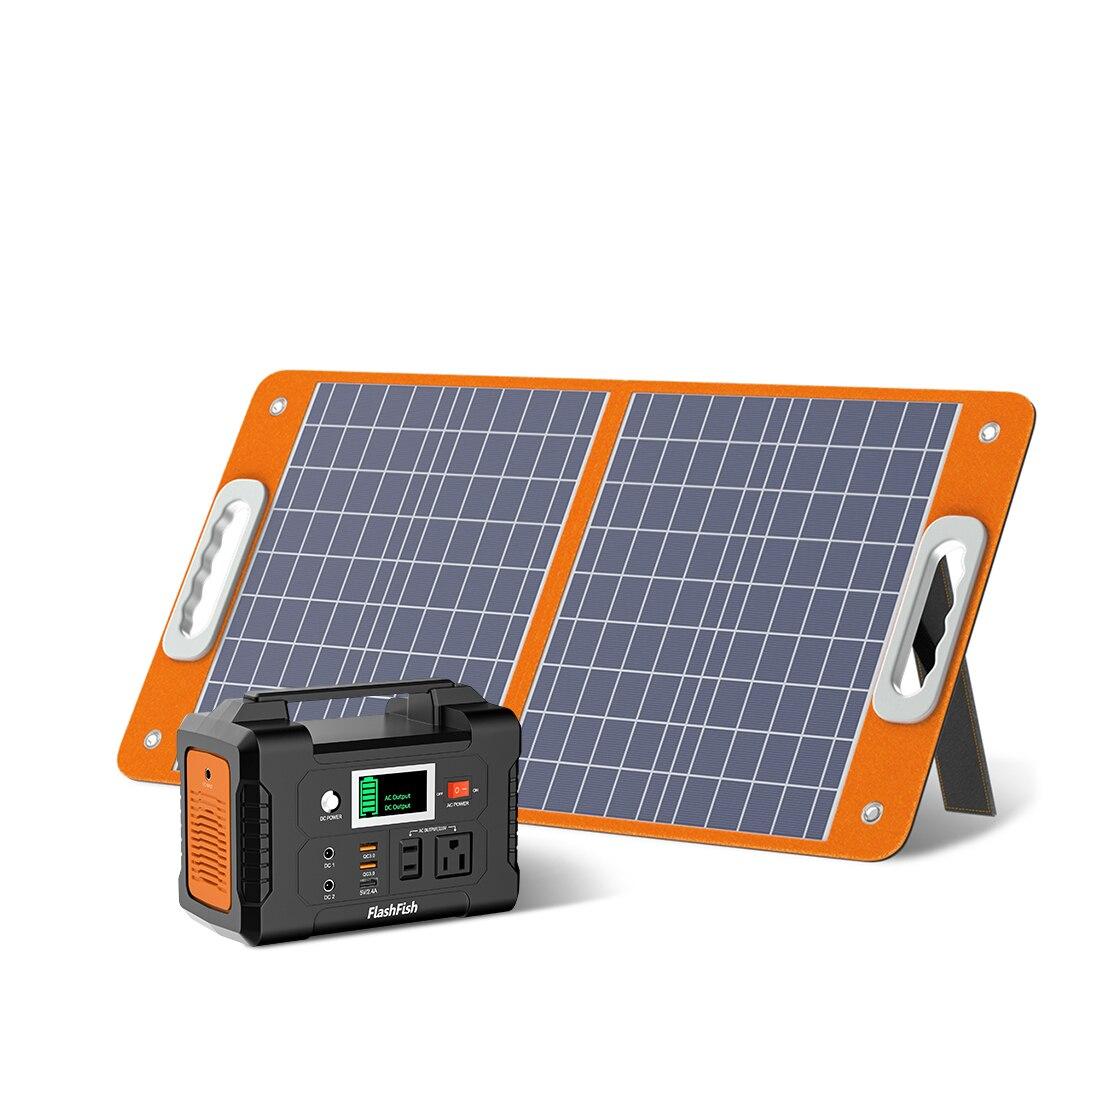 نظام الطاقة الشمسية للكمبيوتر تلفزيون الكمبيوتر المحمول في الهواء الطلق مع 60 واط لوحة طاقة شمسية 200 واط مولد الطاقة الشمسية 110 فولت 220 فولت ال...